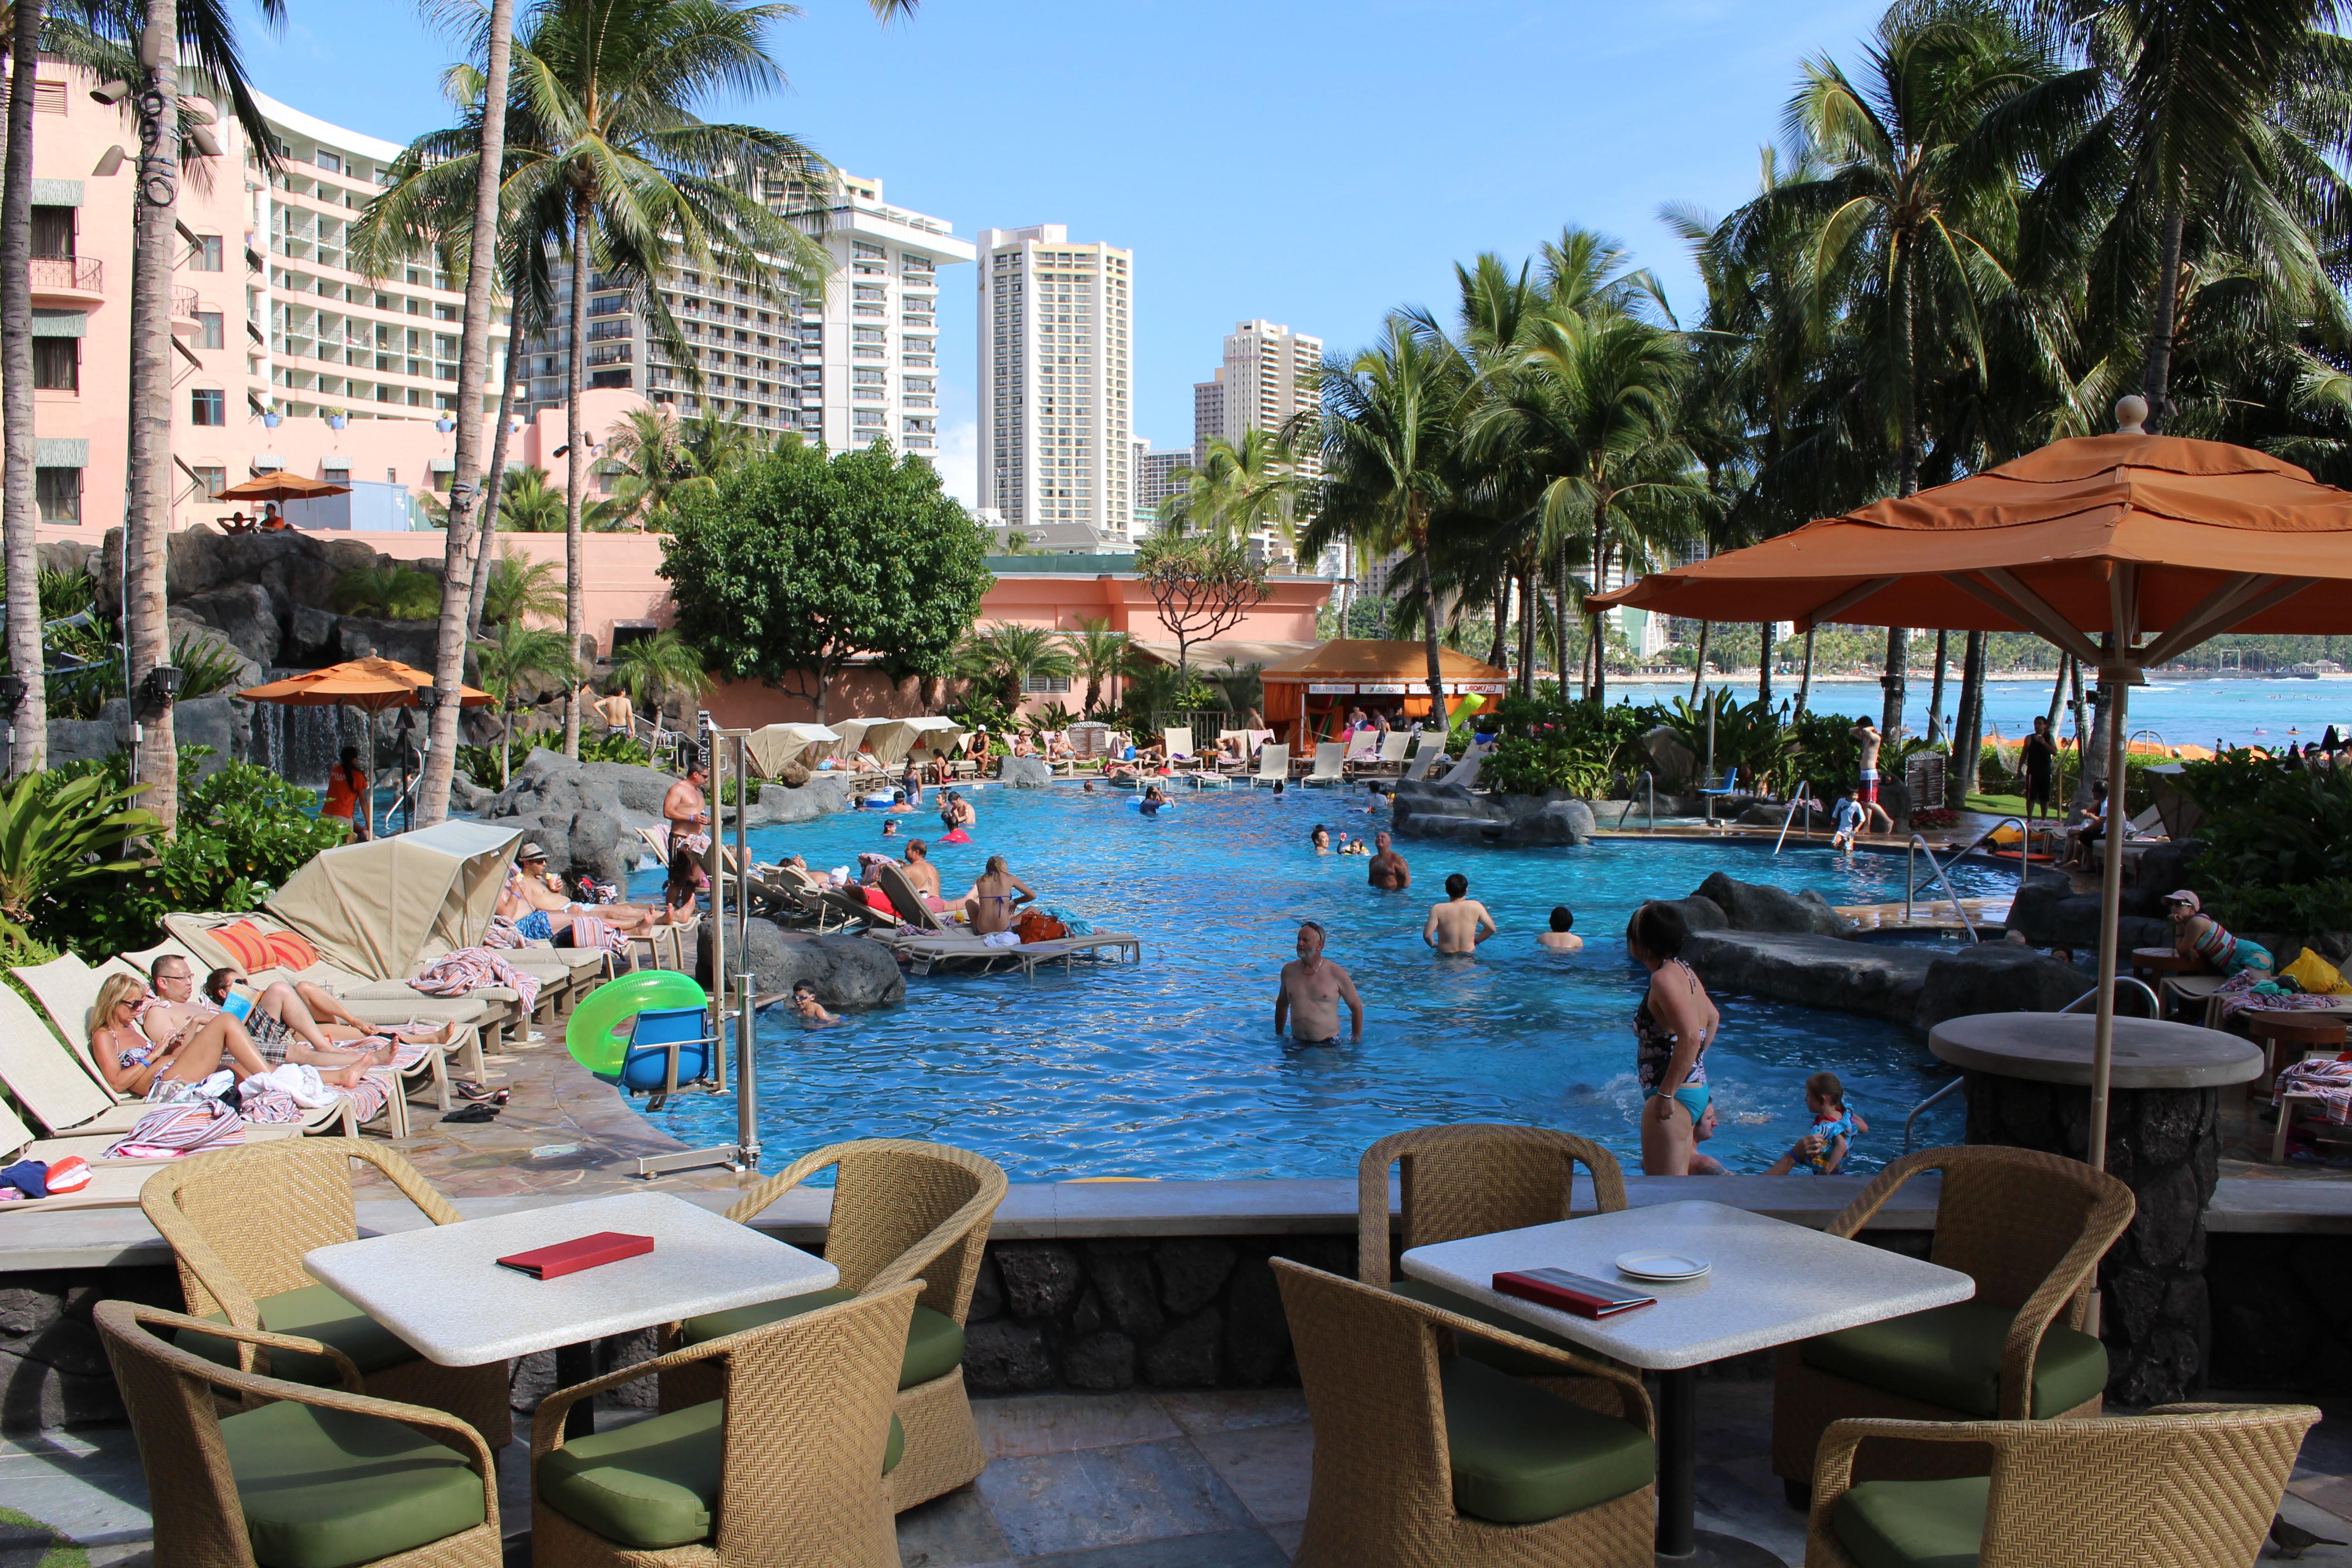 Waikiki+hotel+casinos geld verdienen durch online casino